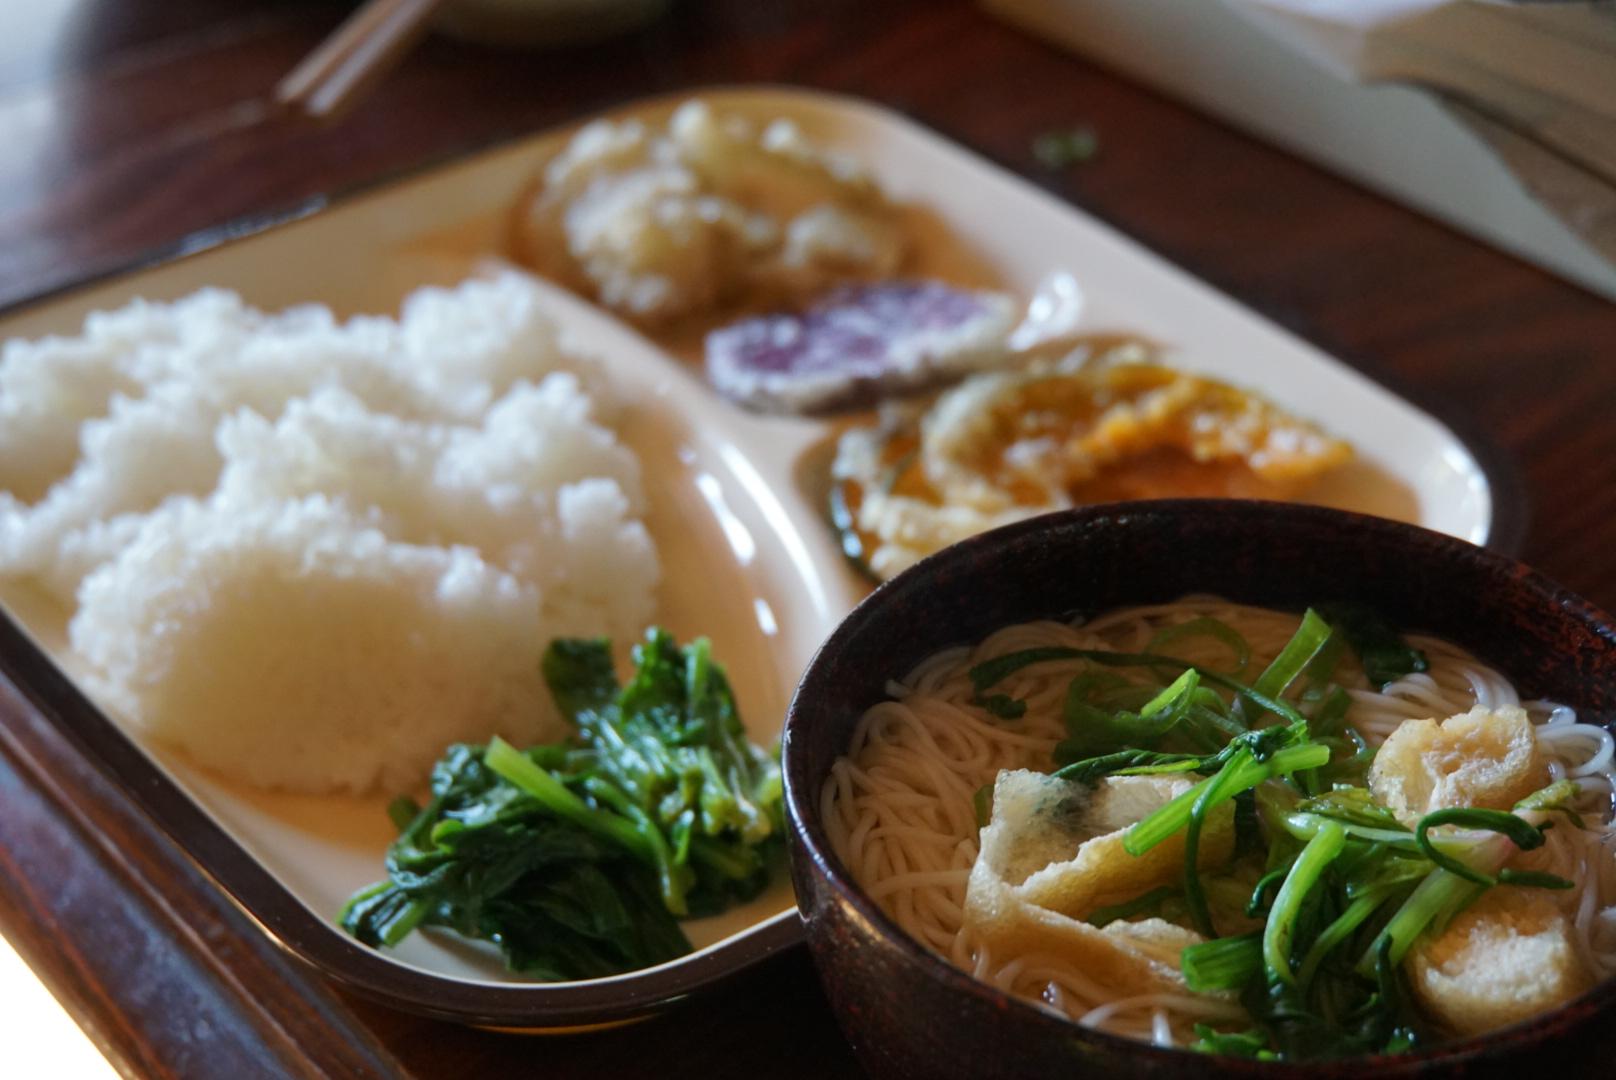 野菜の価値:途上国のひとに、野菜を栽培・常食してもらうには「美味しさ」を知ってもらうことが大切